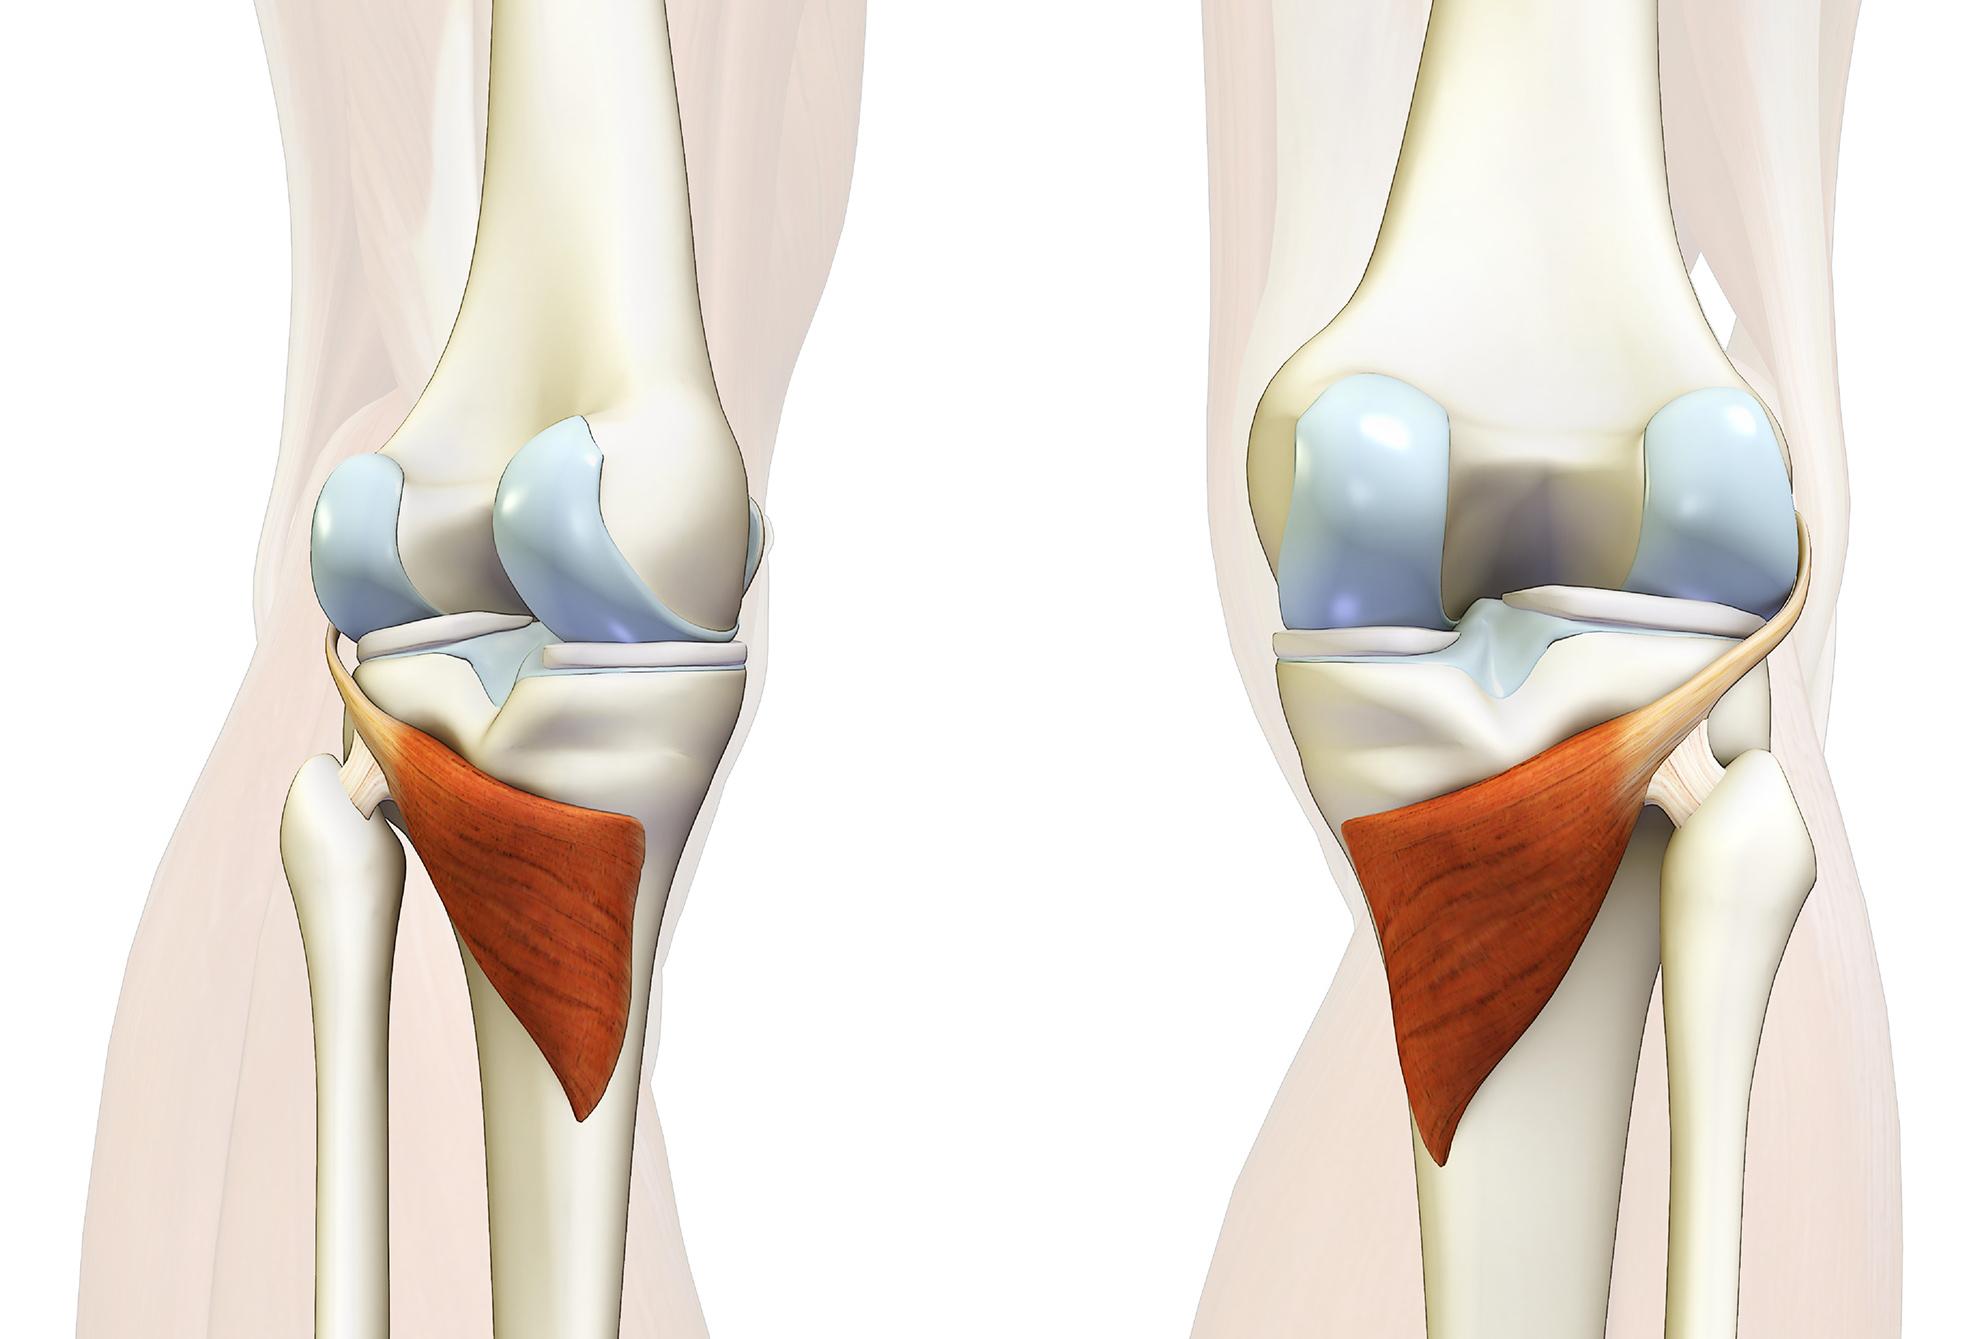 【膝に痛みや違和感があるときに】この筋肉をほぐしてみよう【第三弾 膝窩筋】